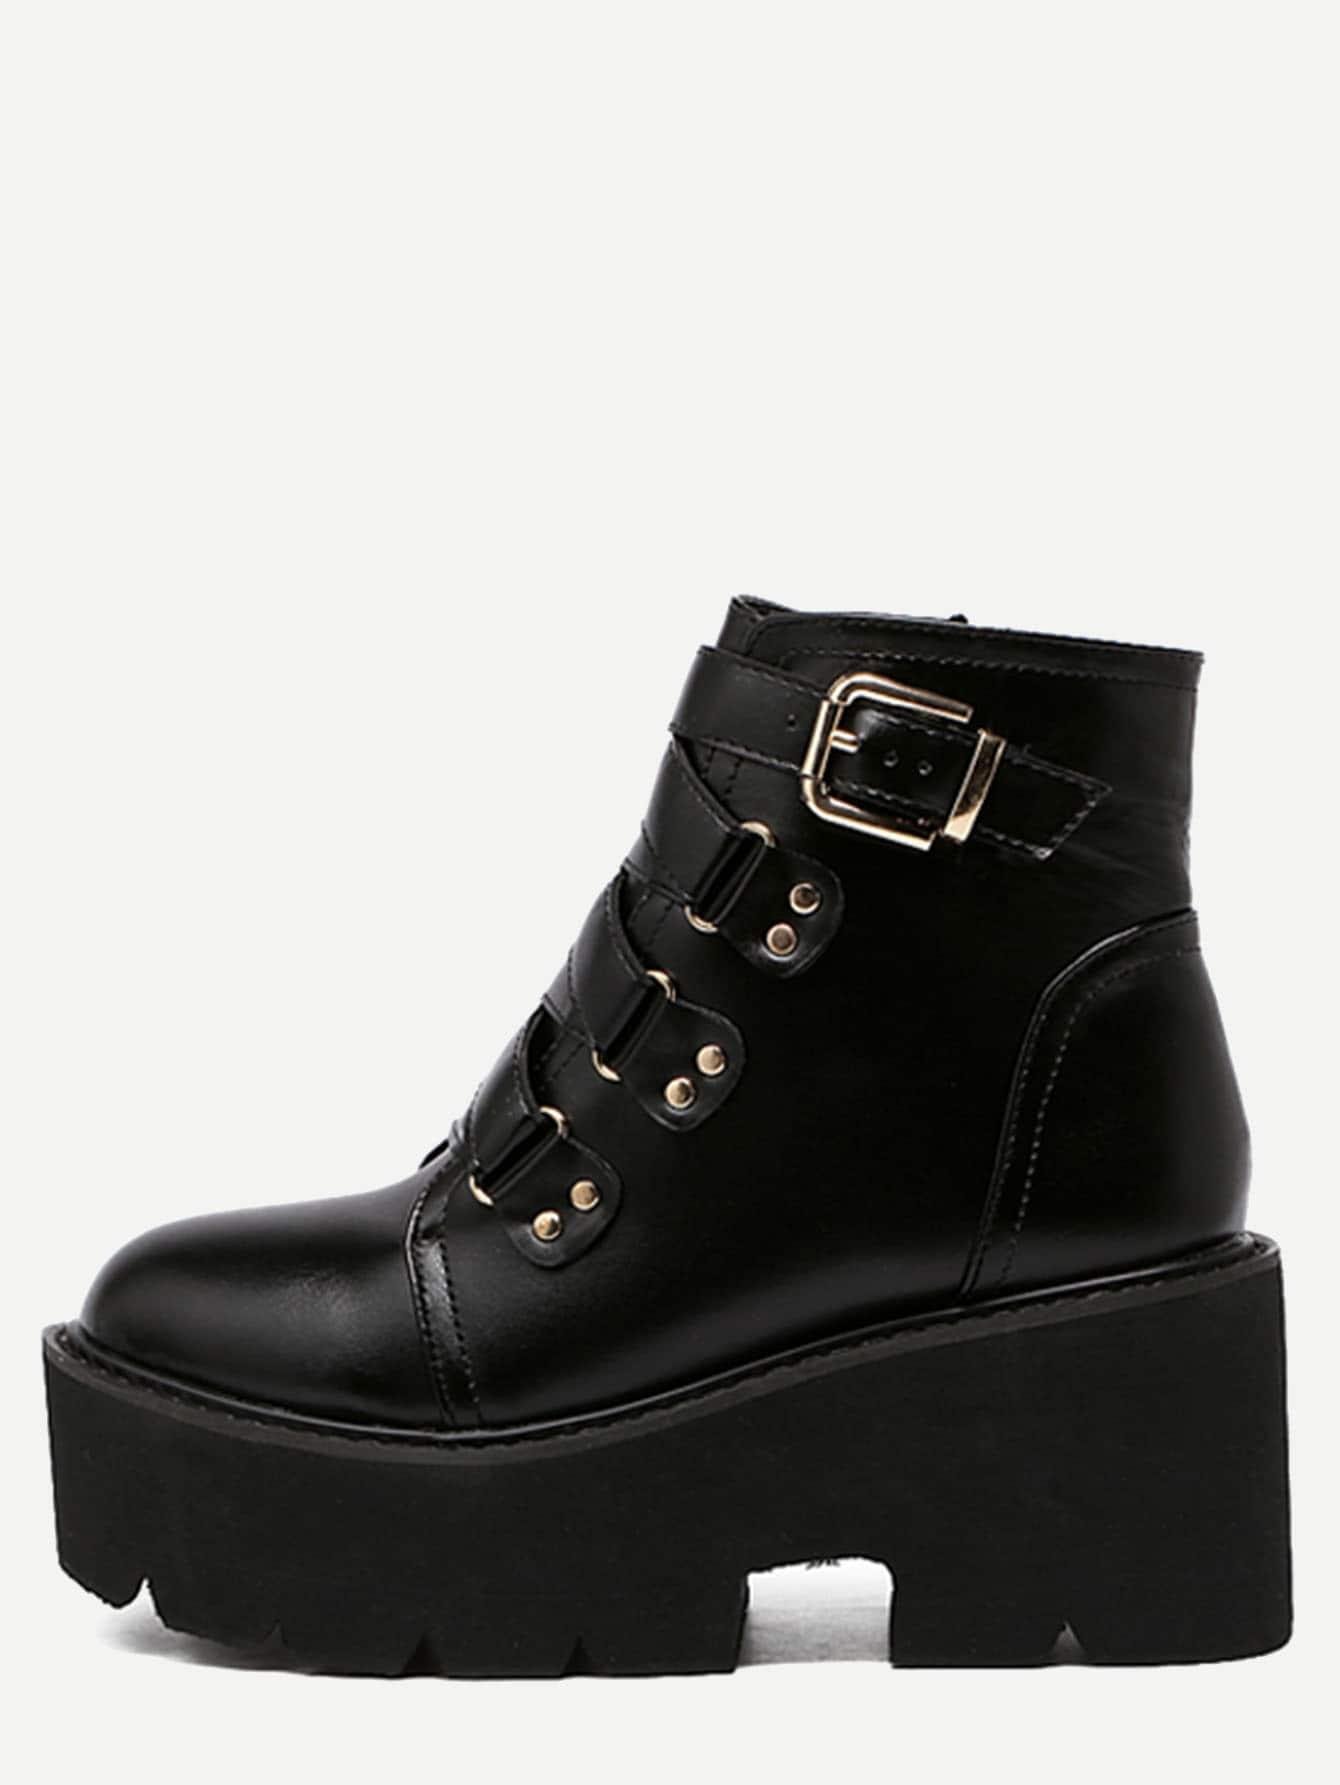 shoes160909803_2